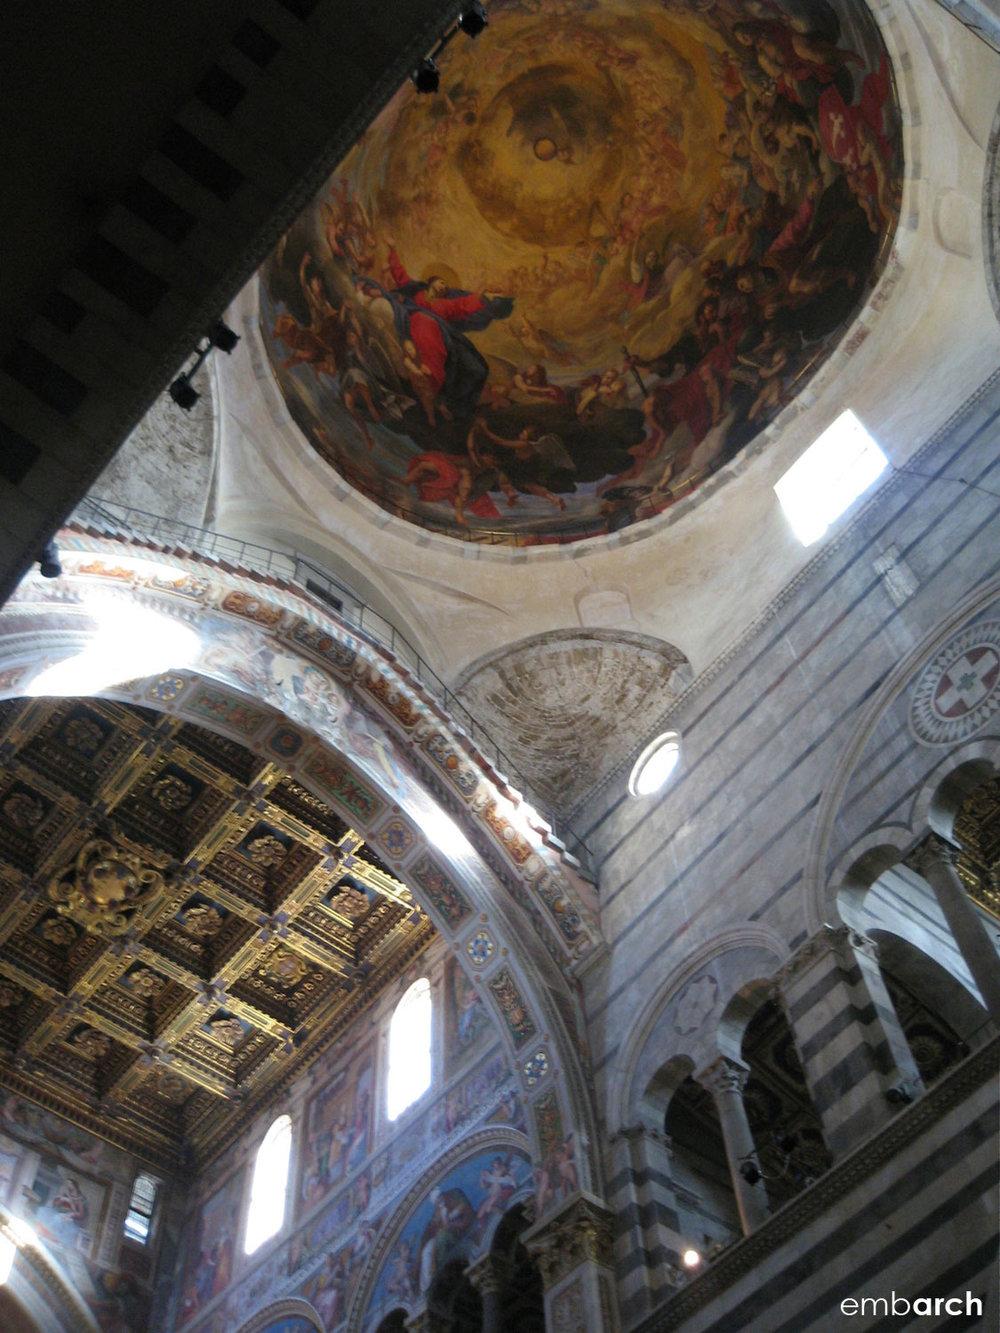 Piazza del Duomo, Pisa Italy - cathedral interior